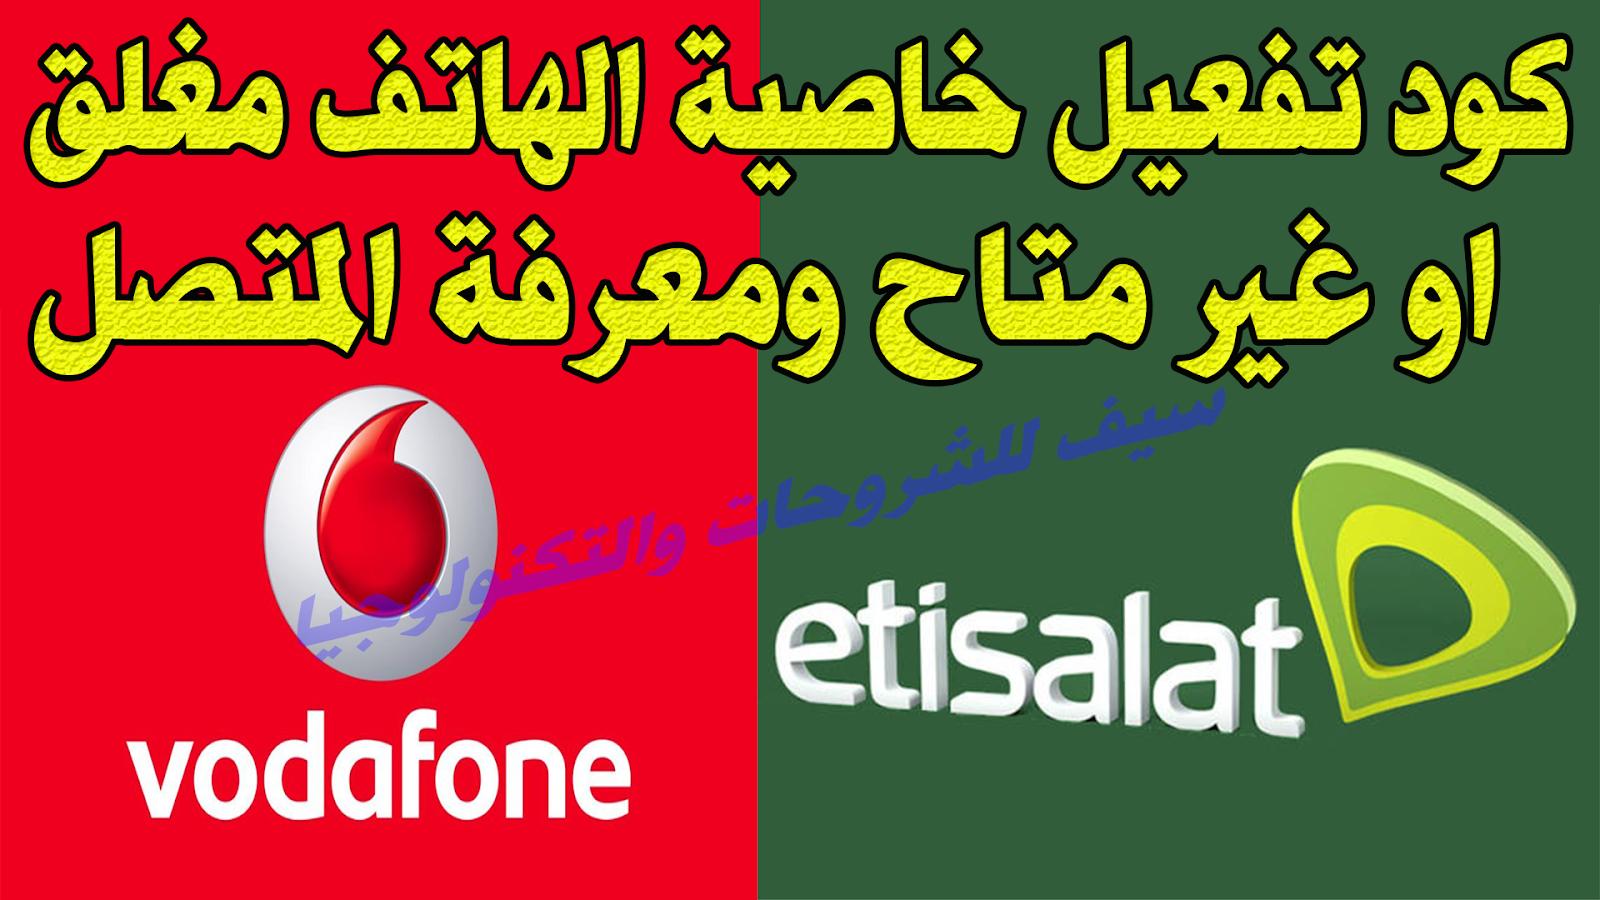 كود لتفعيل خاصية الهاتف مغلق او غير متاح ومعرفة رقم المتصل – اتصالات و فودافون مصر